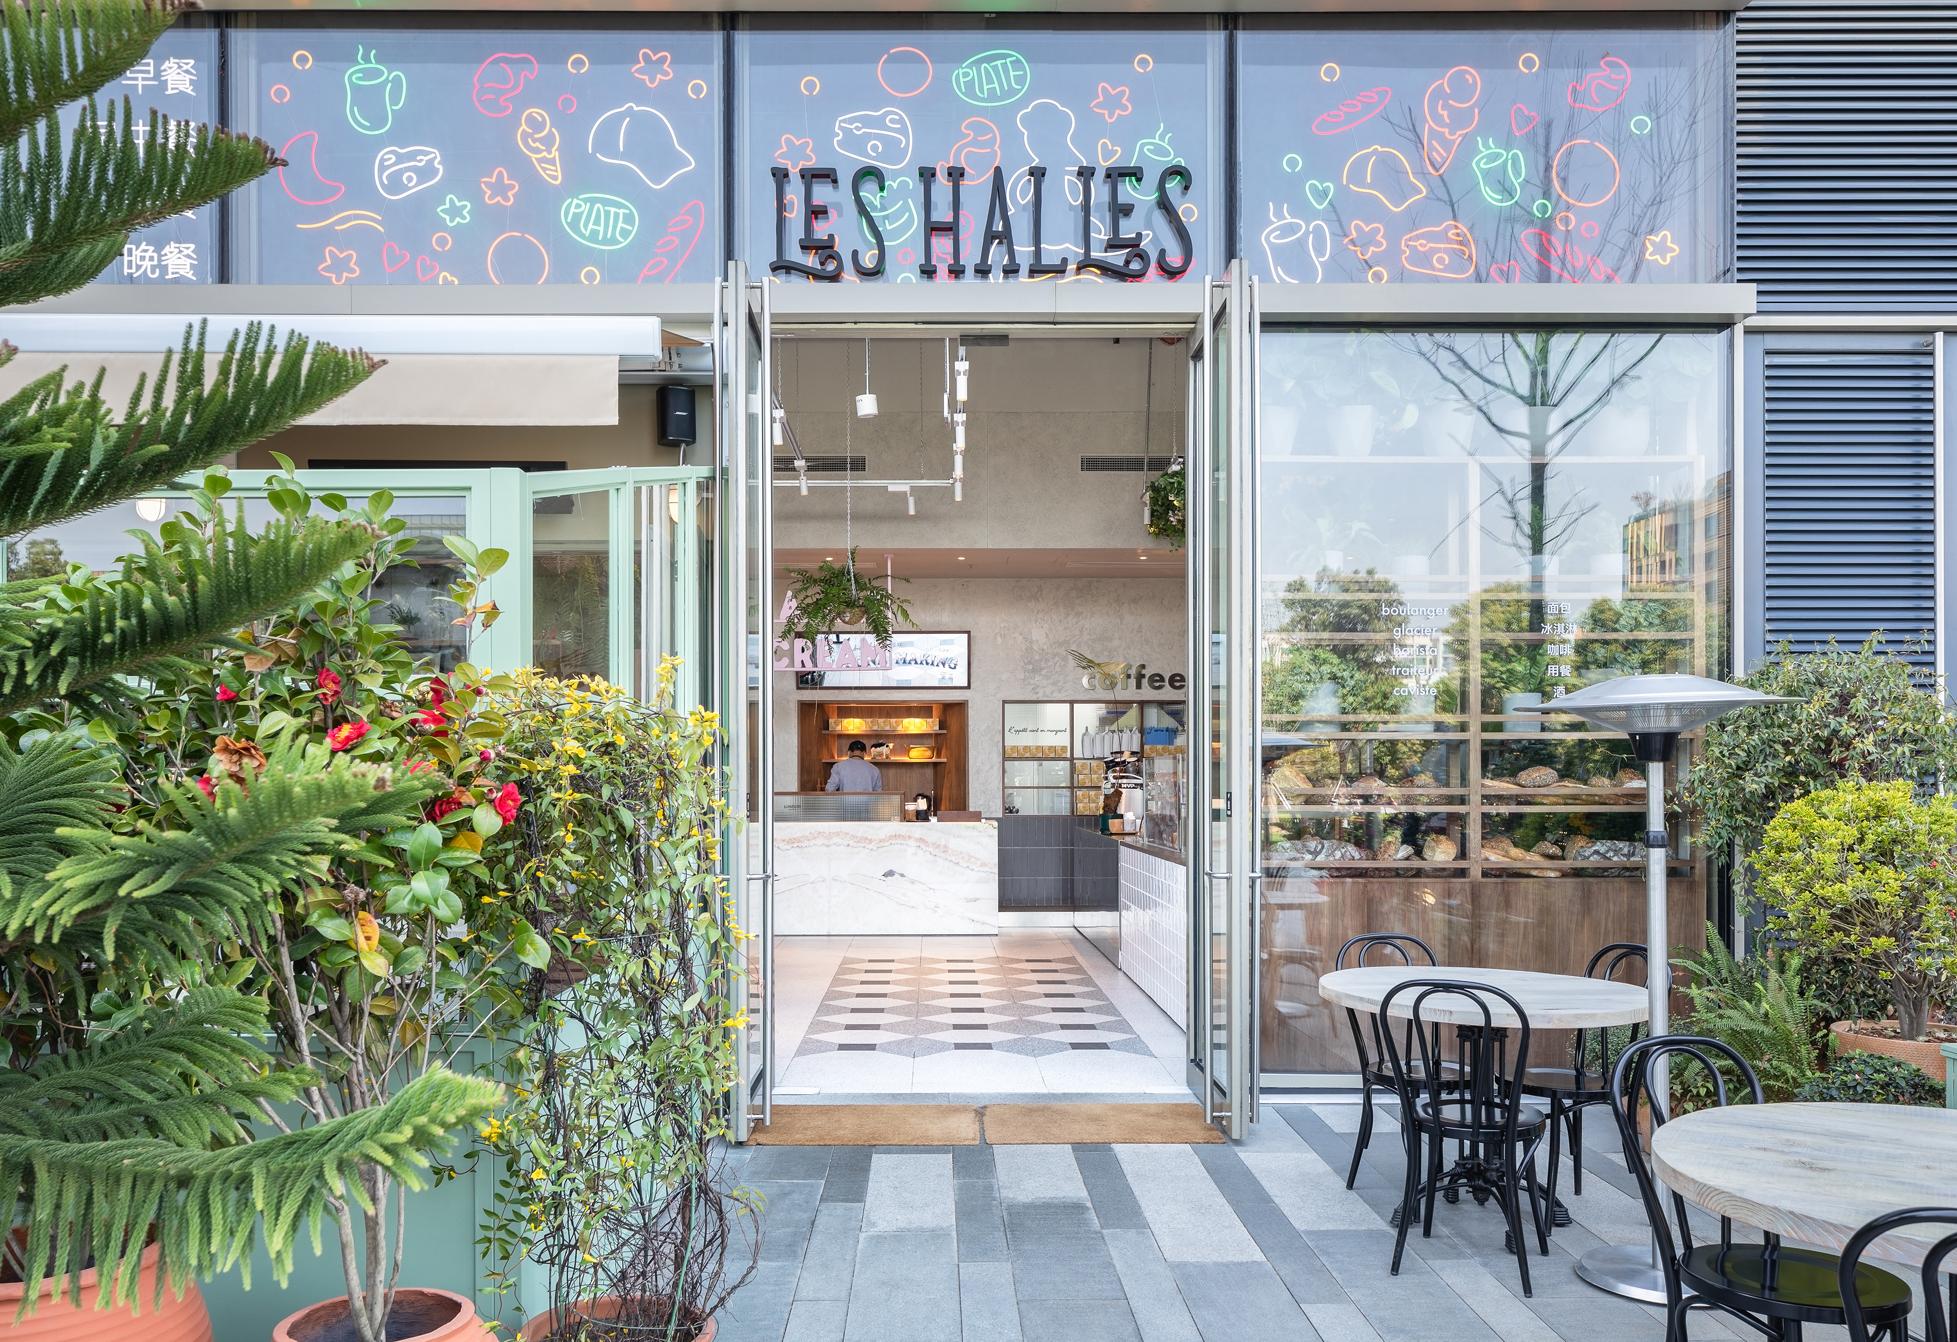 Lunuers Les Halles interior design by hcreates